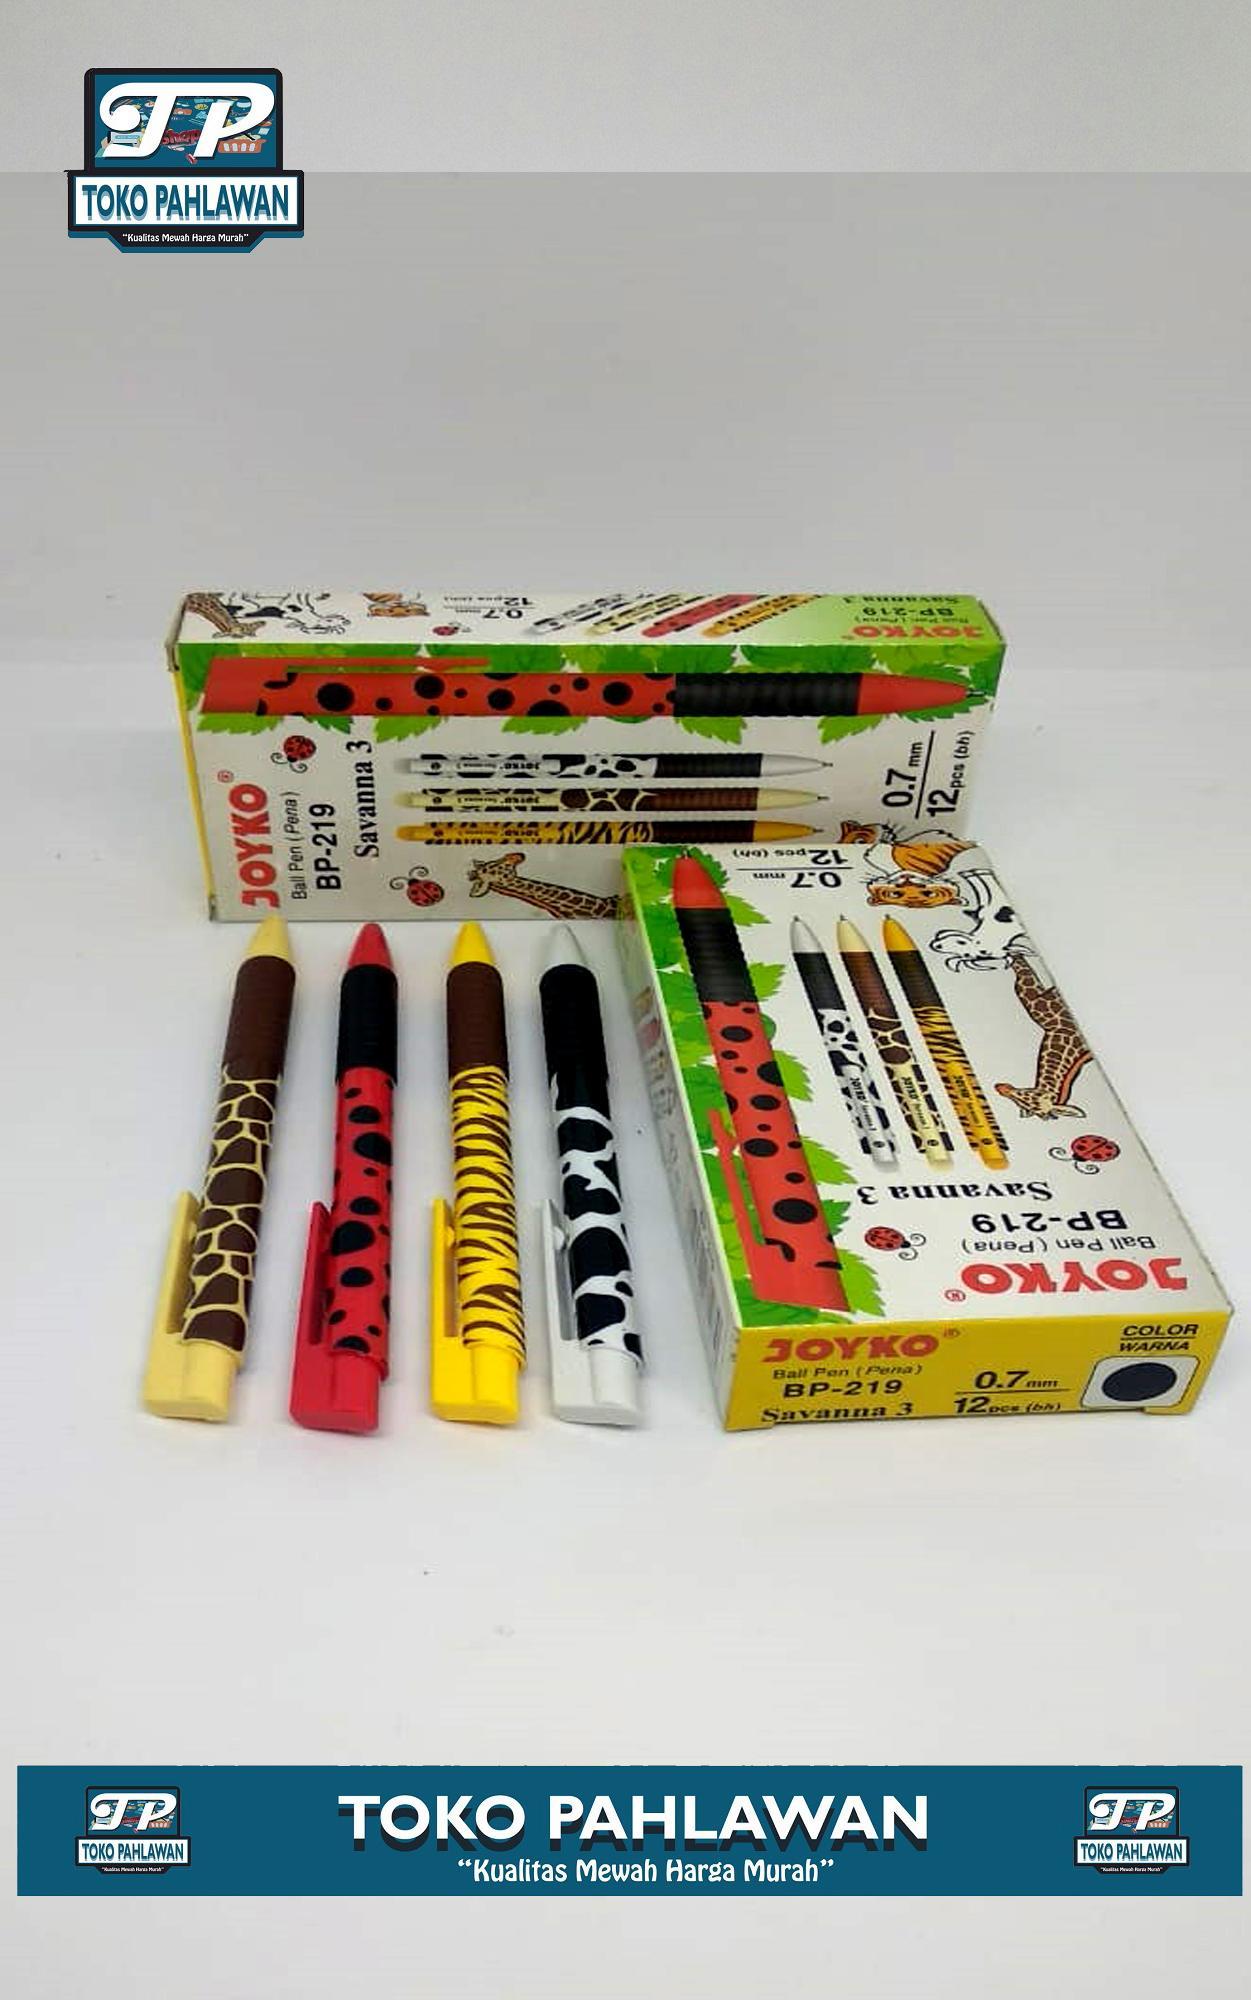 Fitur Kotak Pensil Tingkat Karakter Kode Kunci Tepak Tempat Pulpen Bagus Joyko Bp 219 Motif Savanna 07 Mm 1 Lusin 12 Pcs Tinta